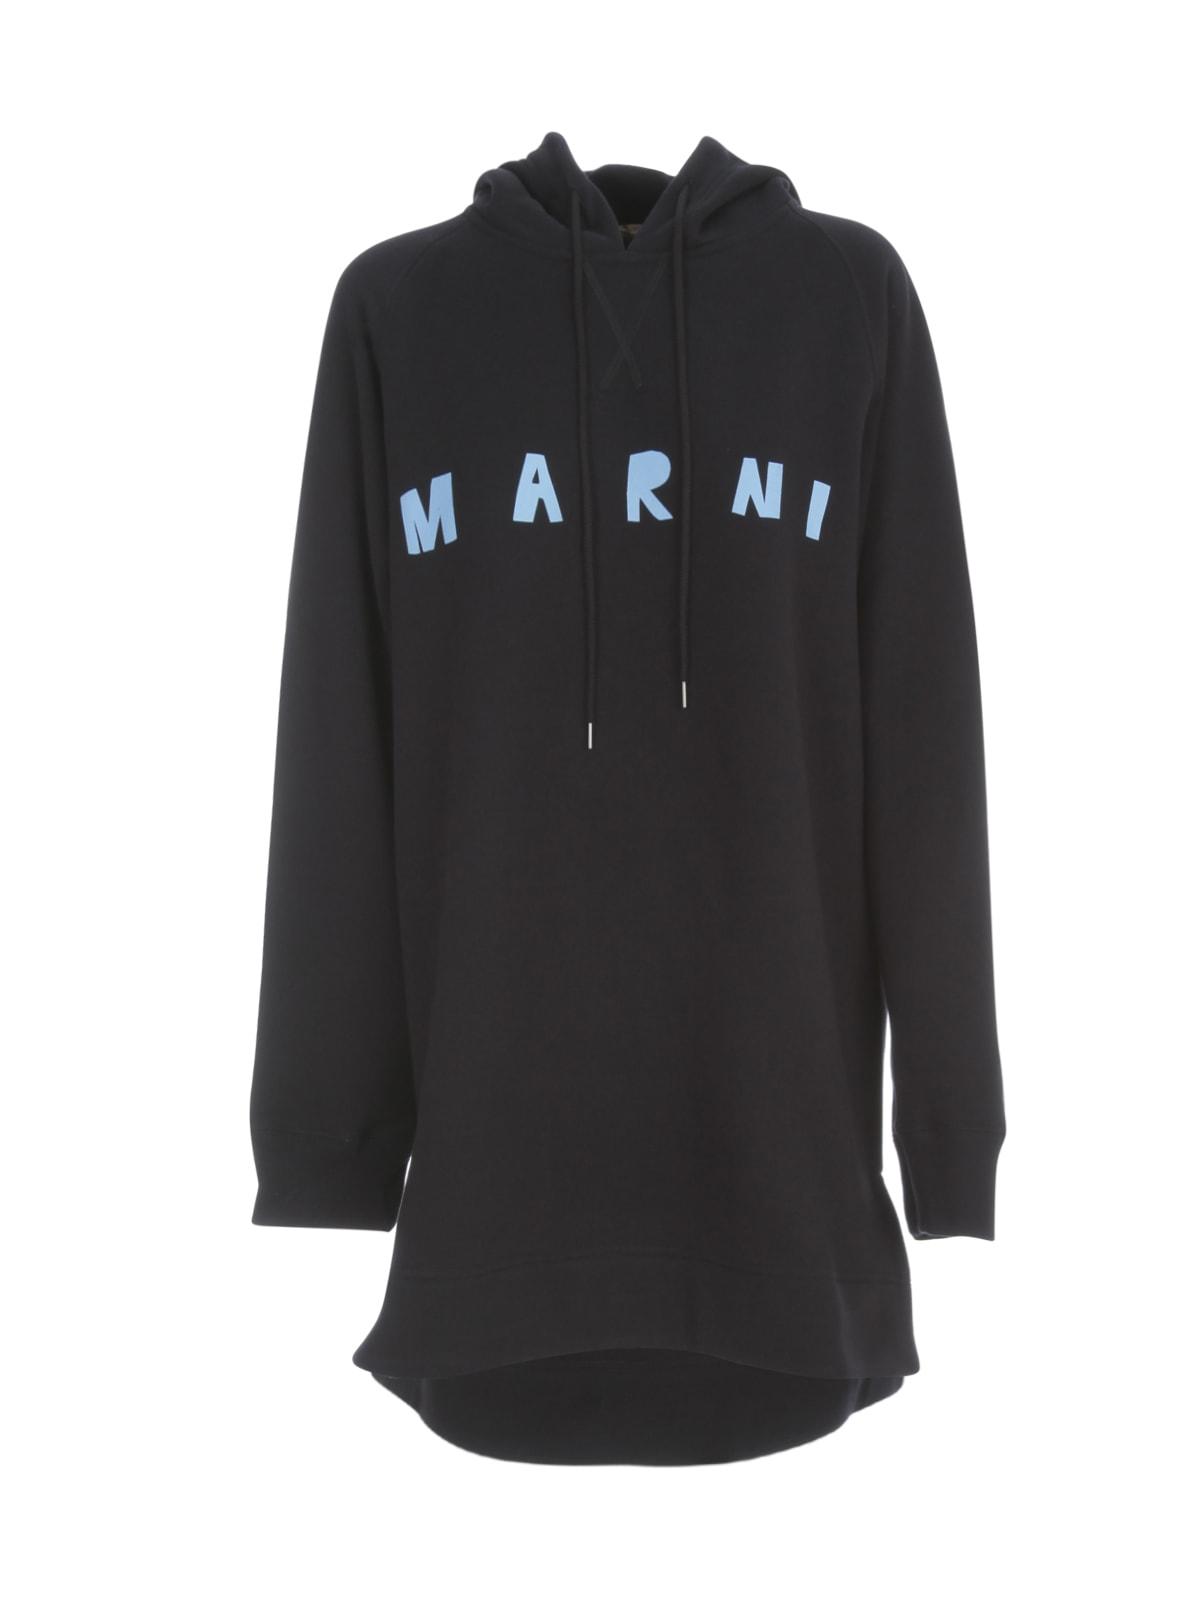 Marni L/s Sweatshirt